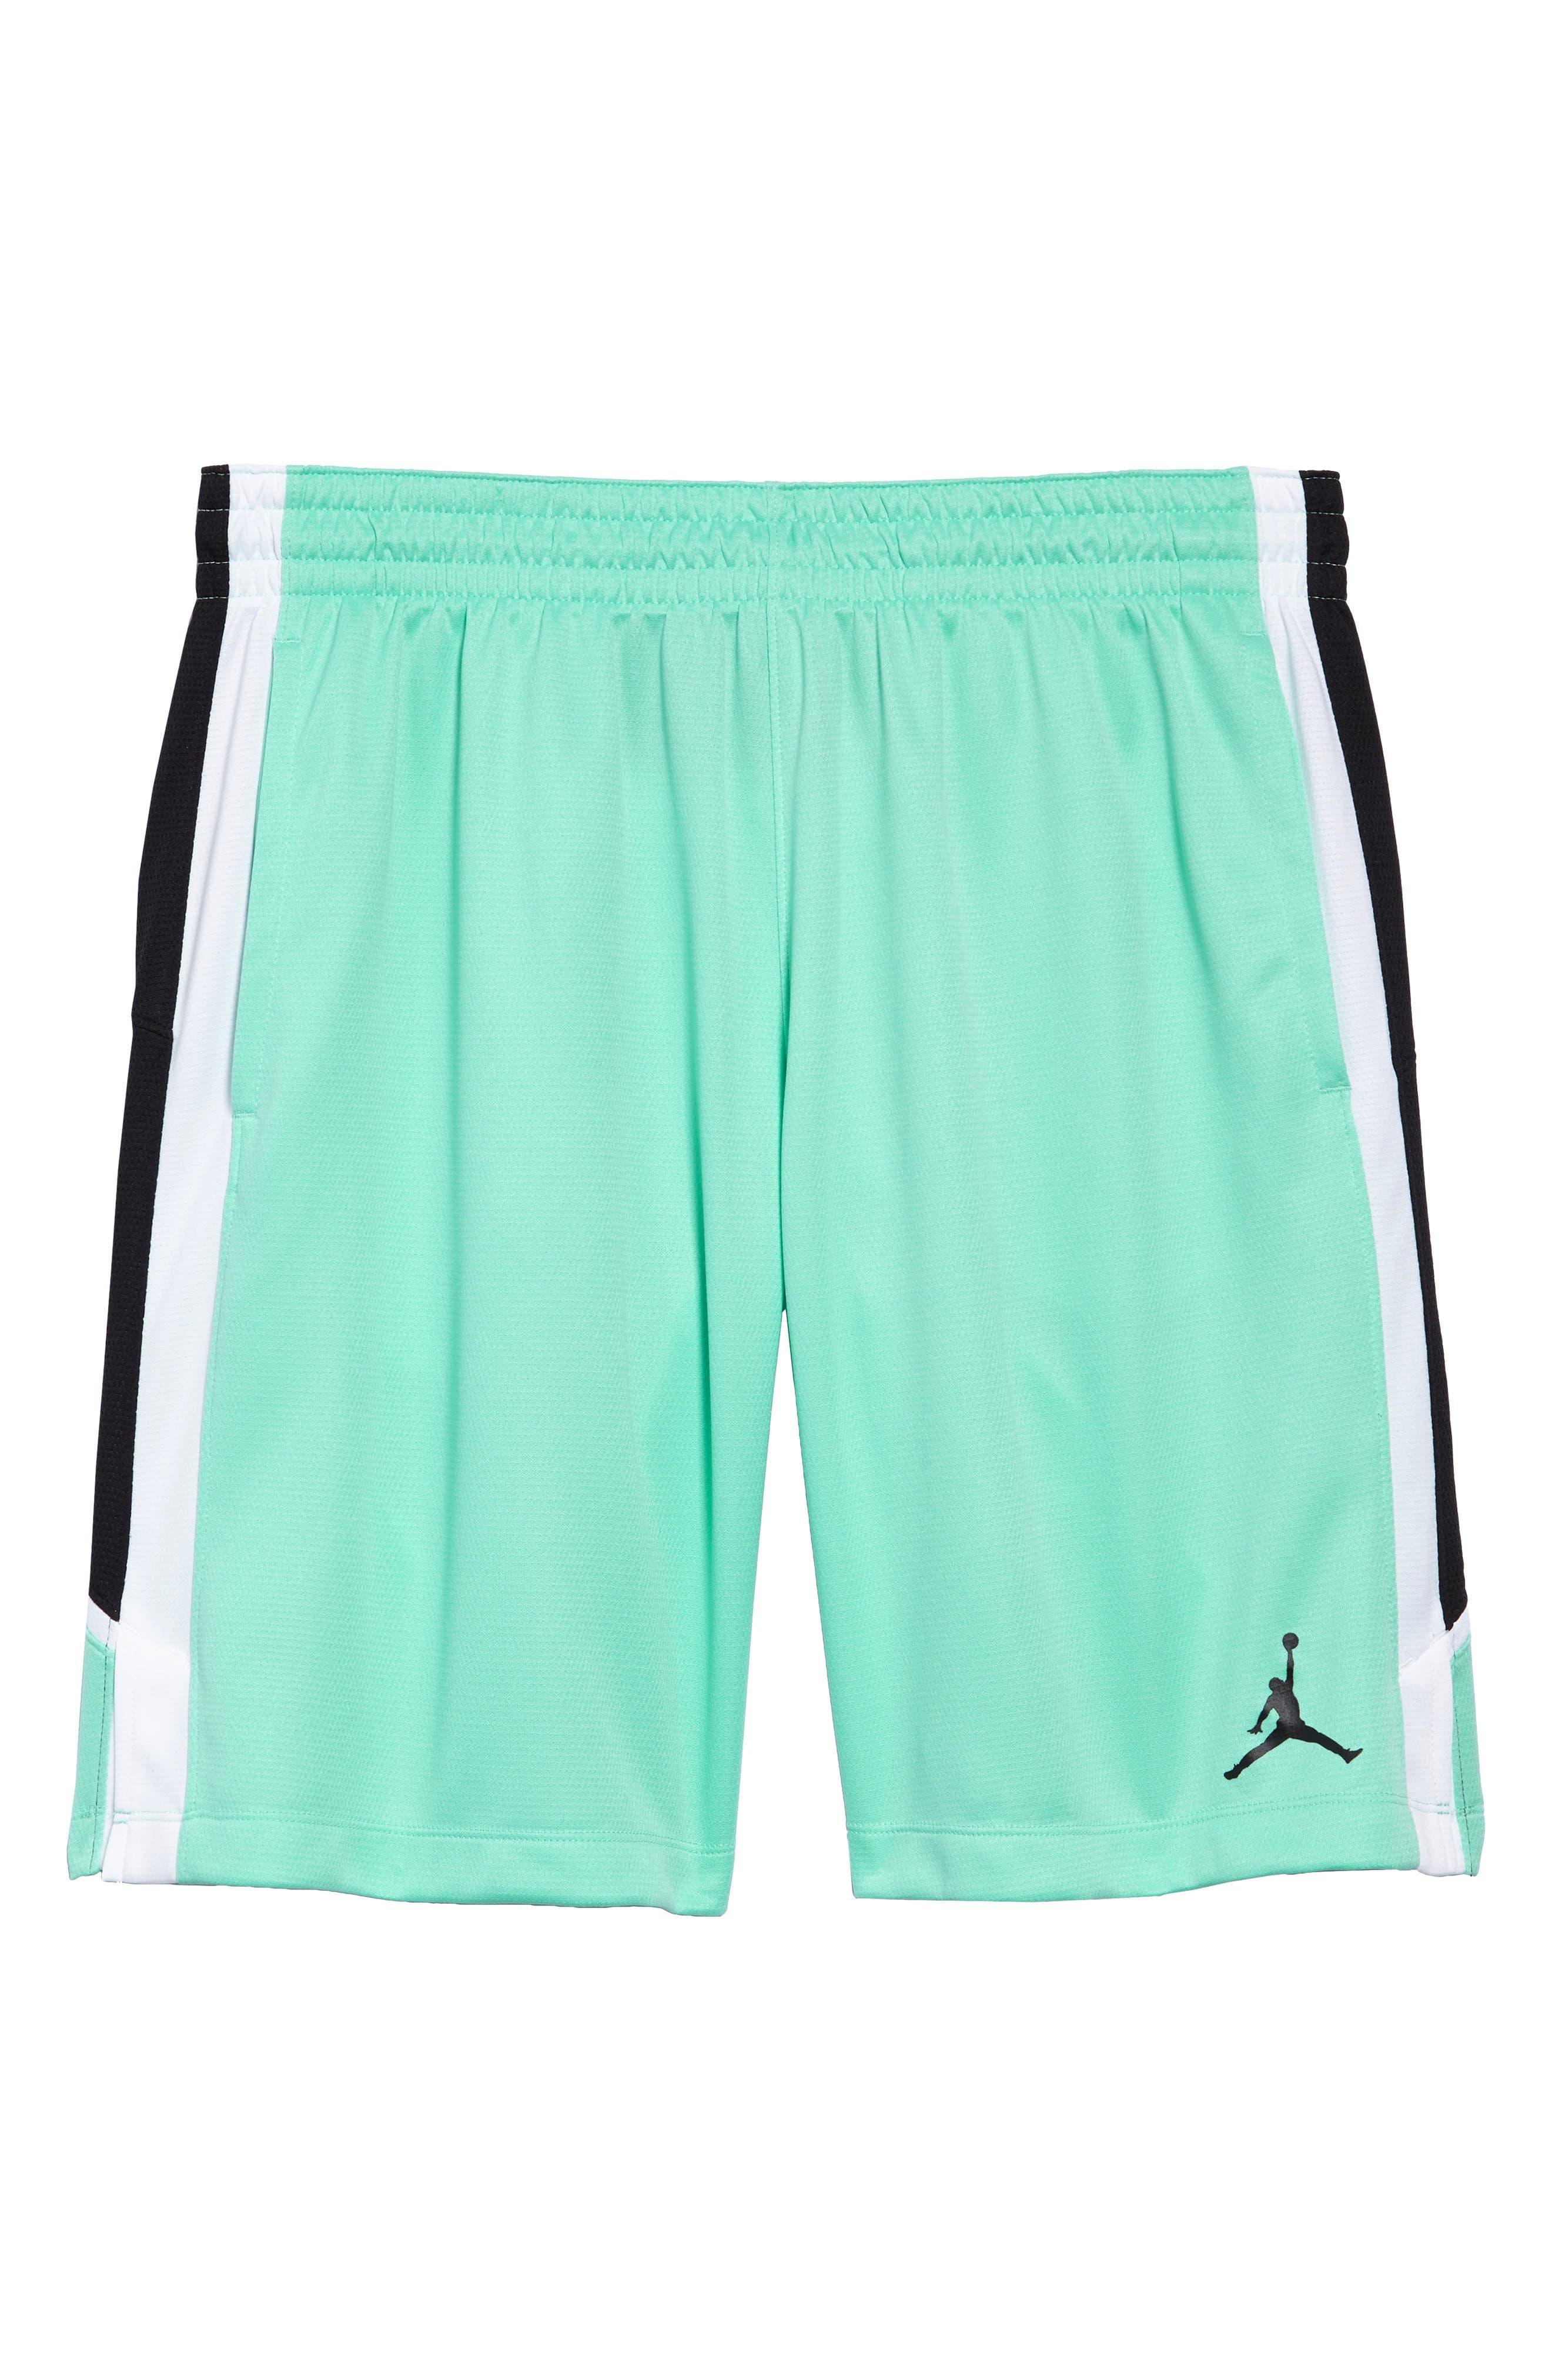 Jordan Dry Flight Shorts,                             Alternate thumbnail 6, color,                             Emerald Rise/ Black/ White